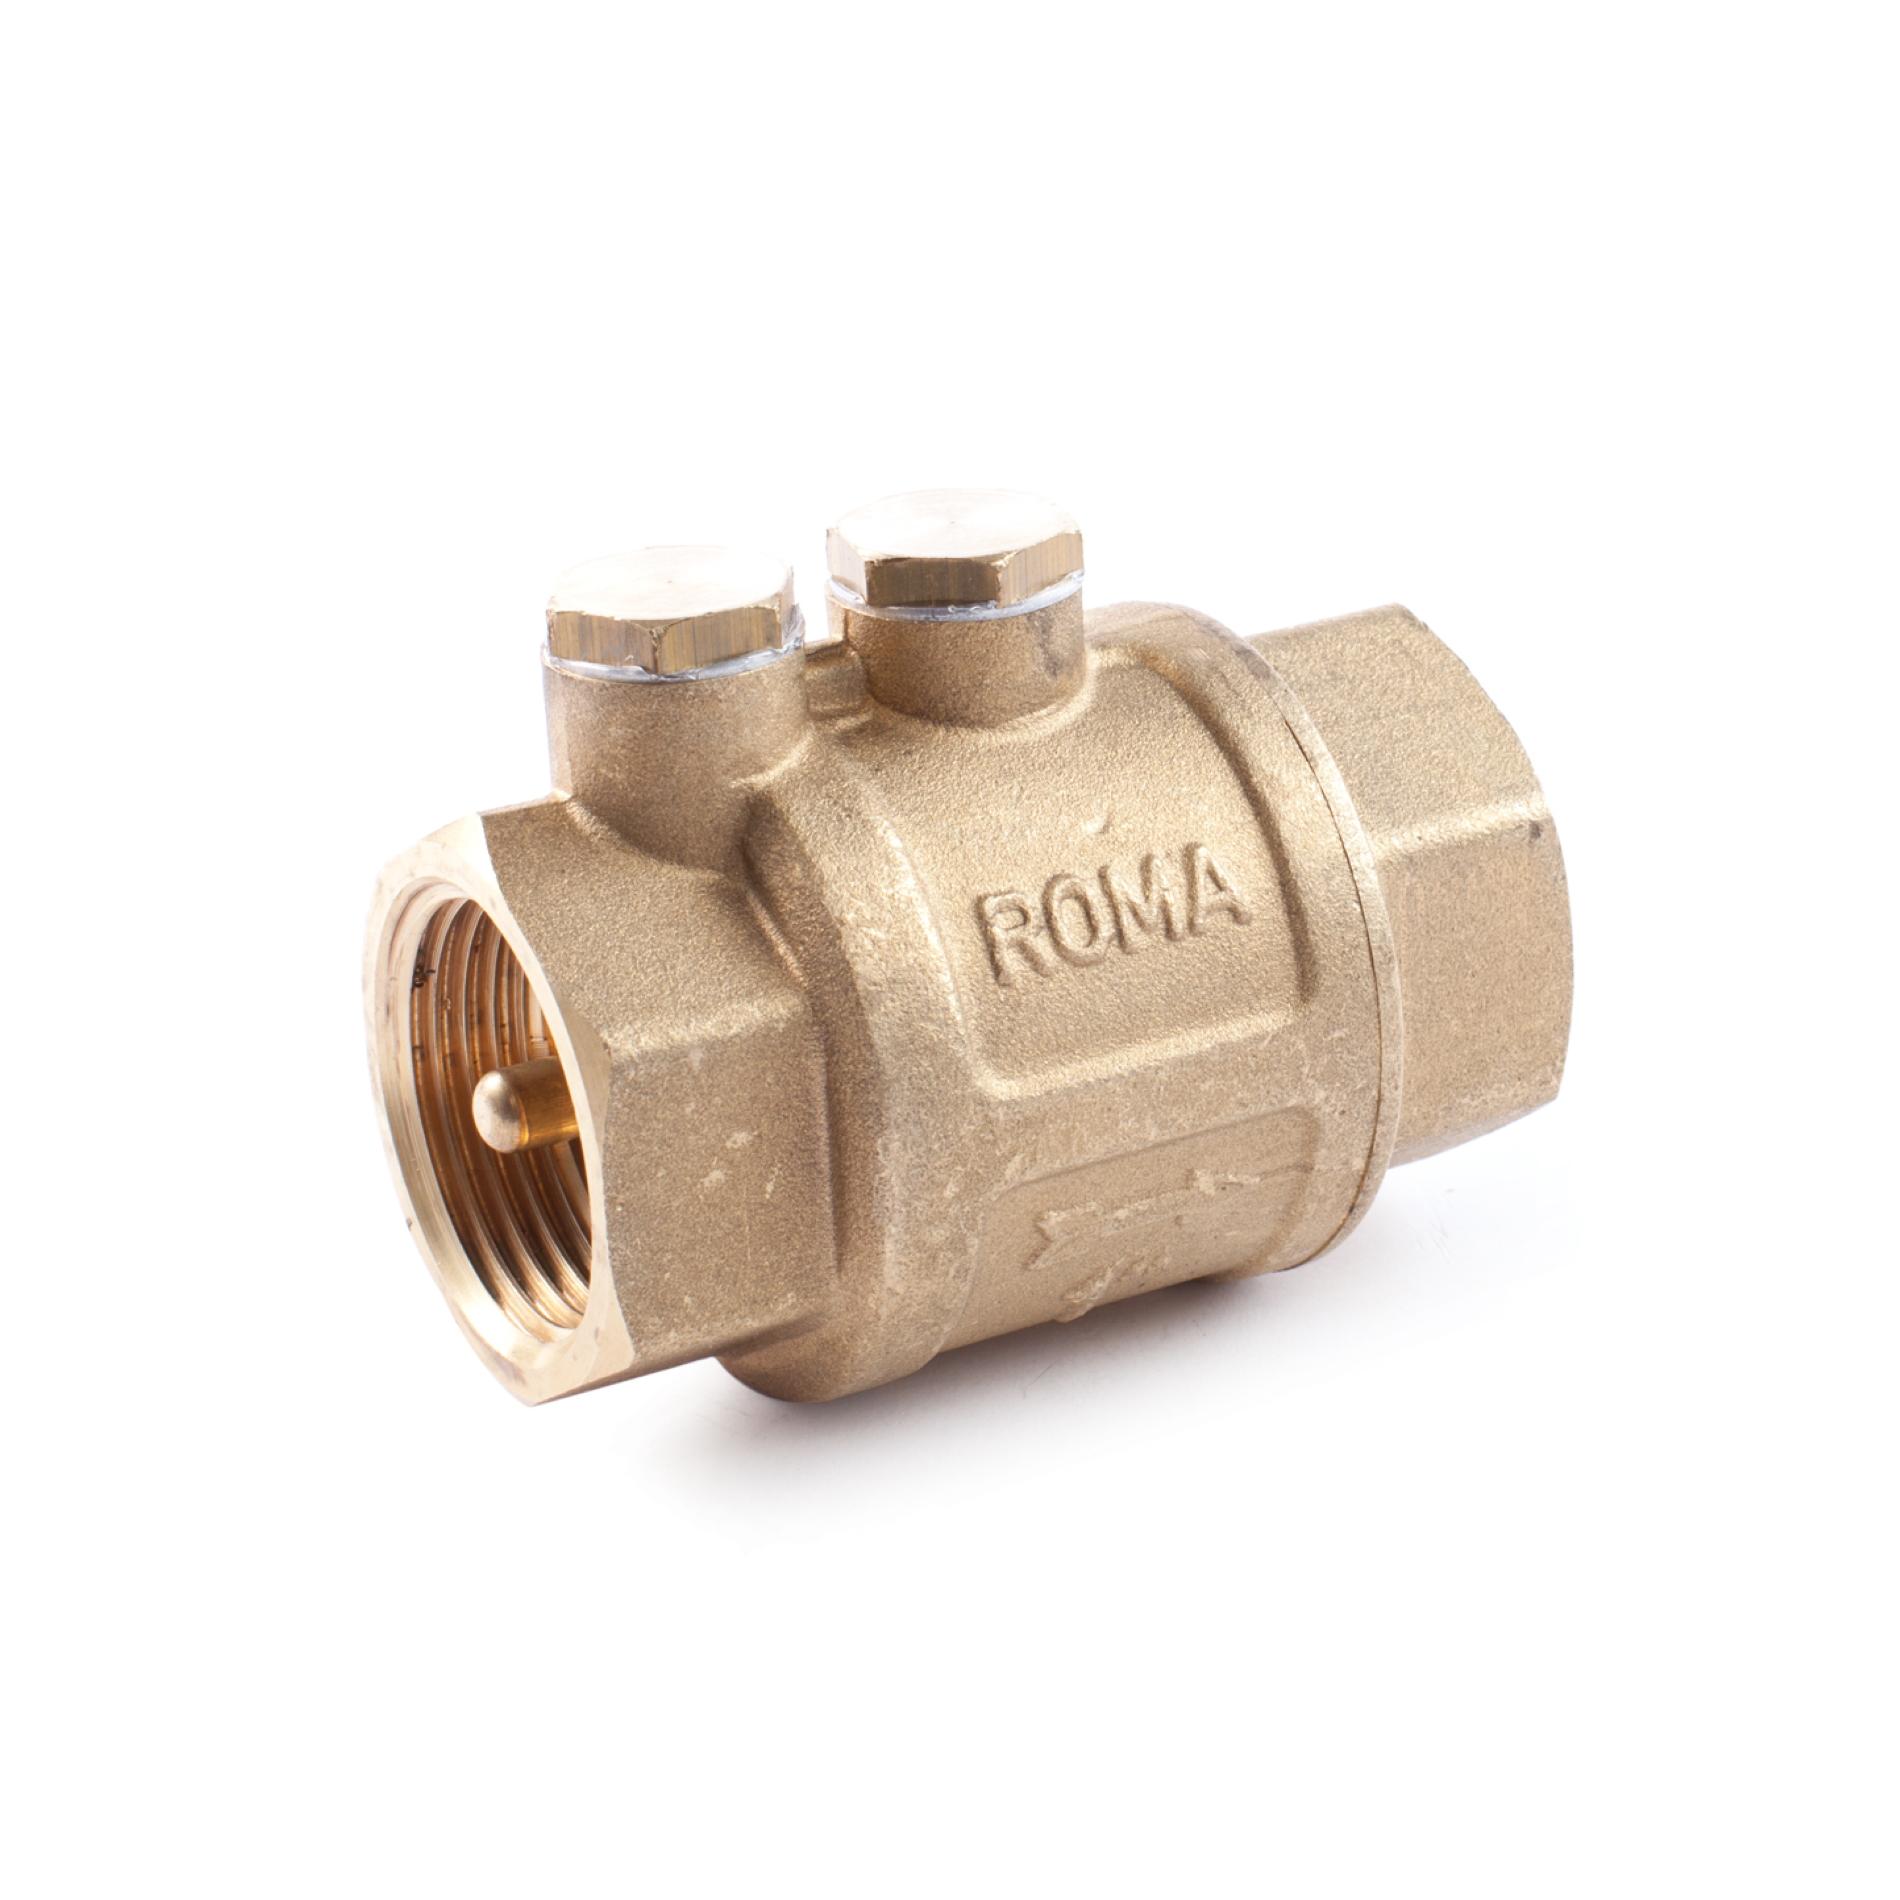 495 Valvola di non ritorno ottone ROMA NRV Brass non-return valve